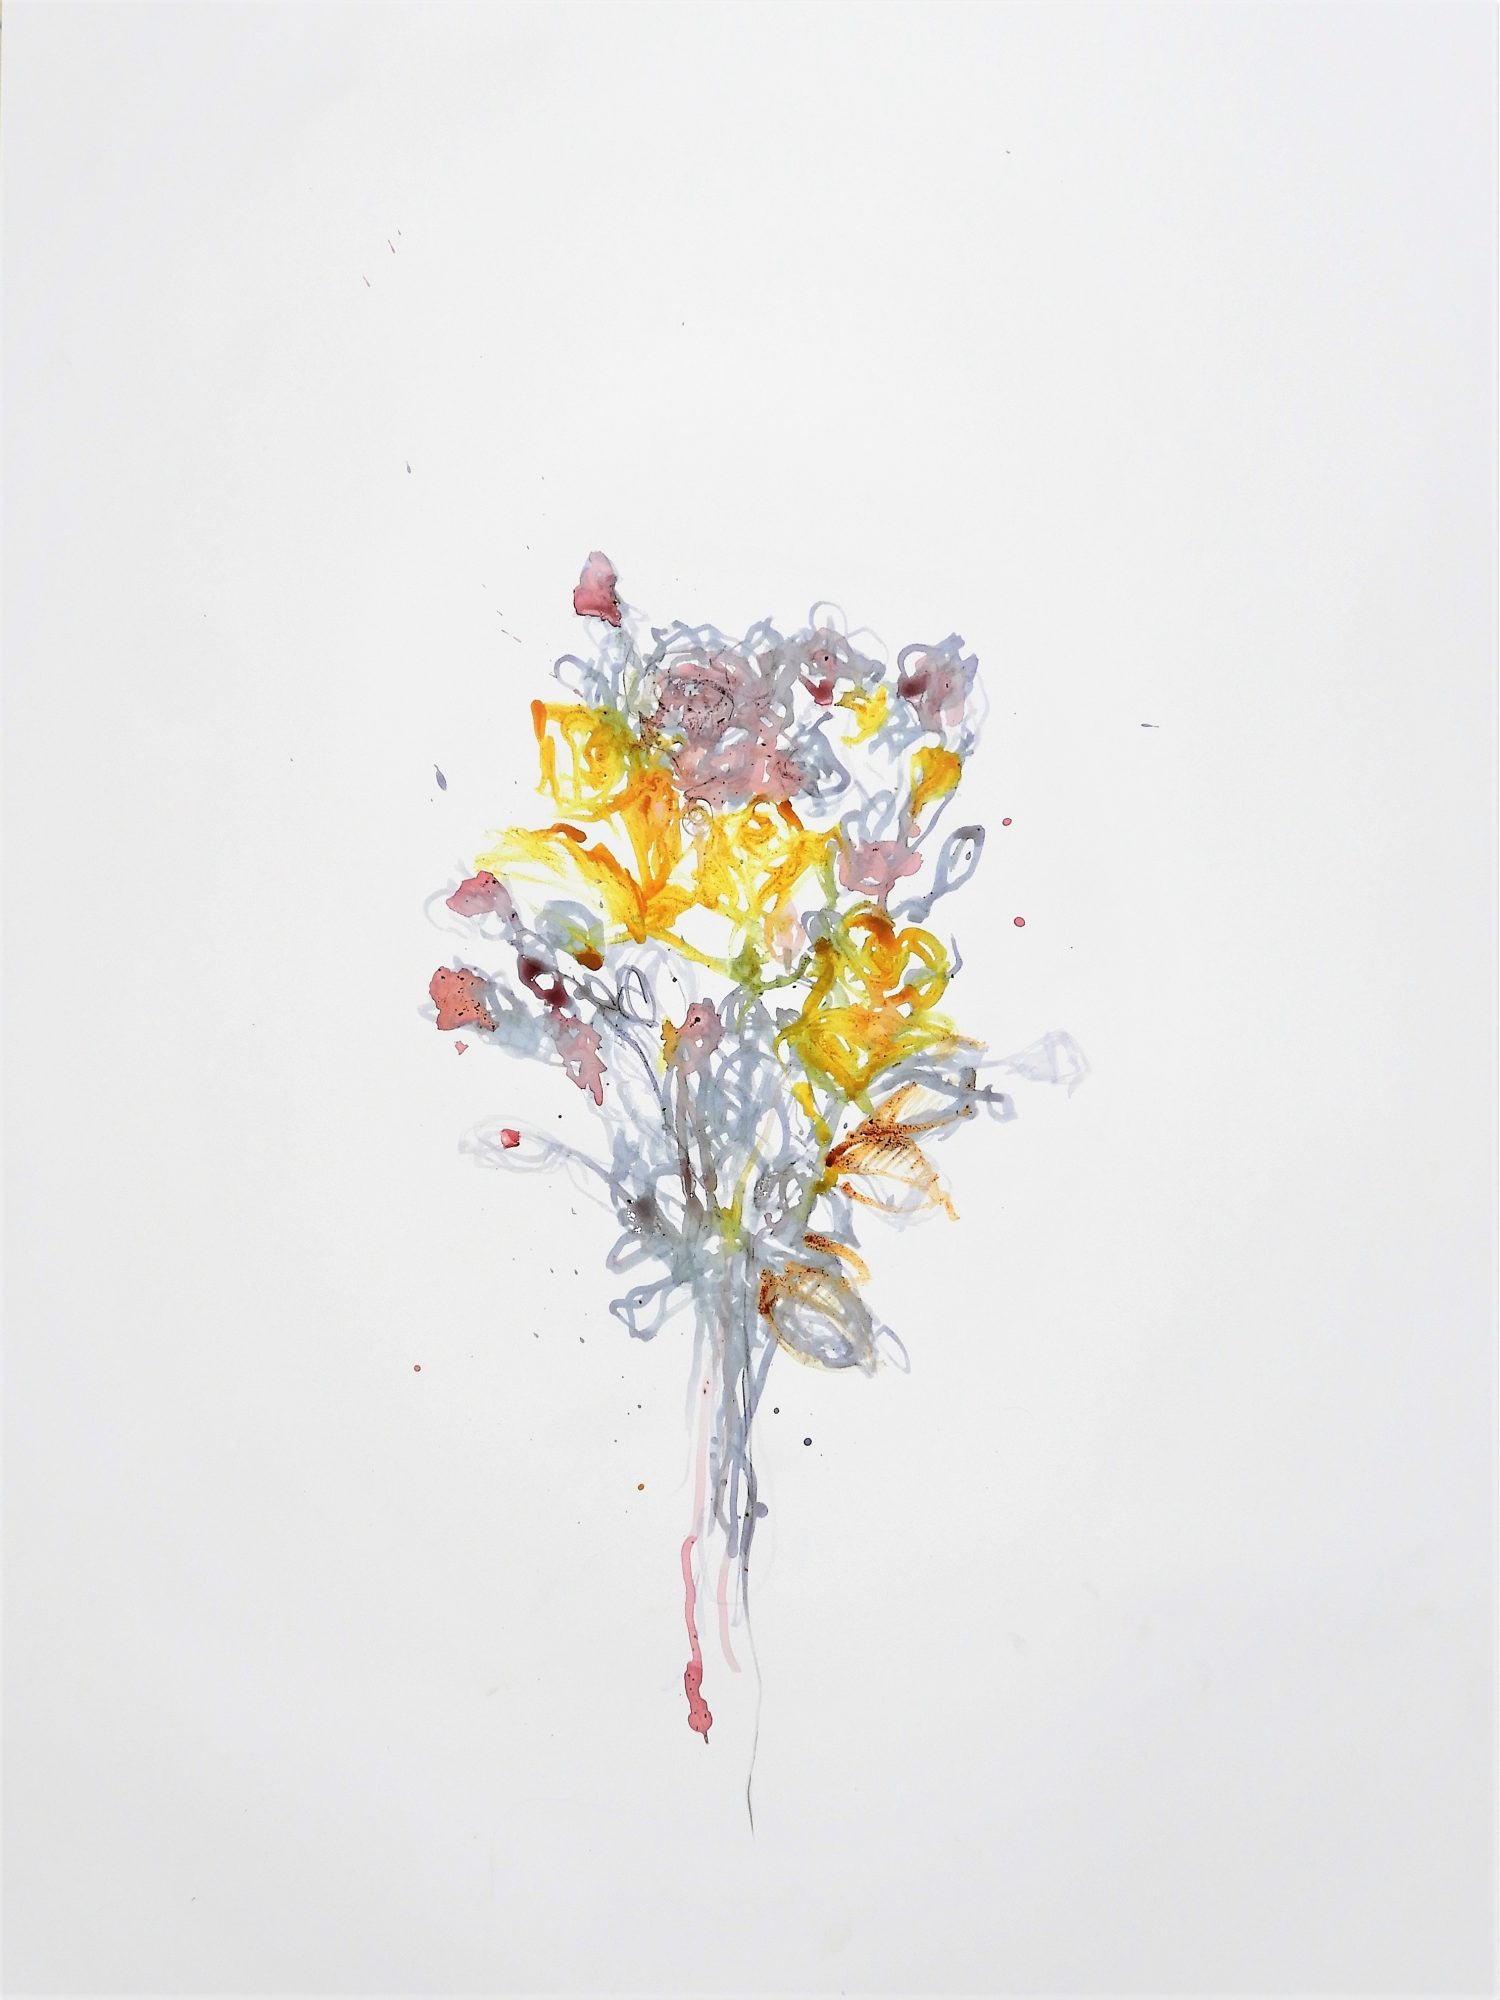 Flowers & Landscapes